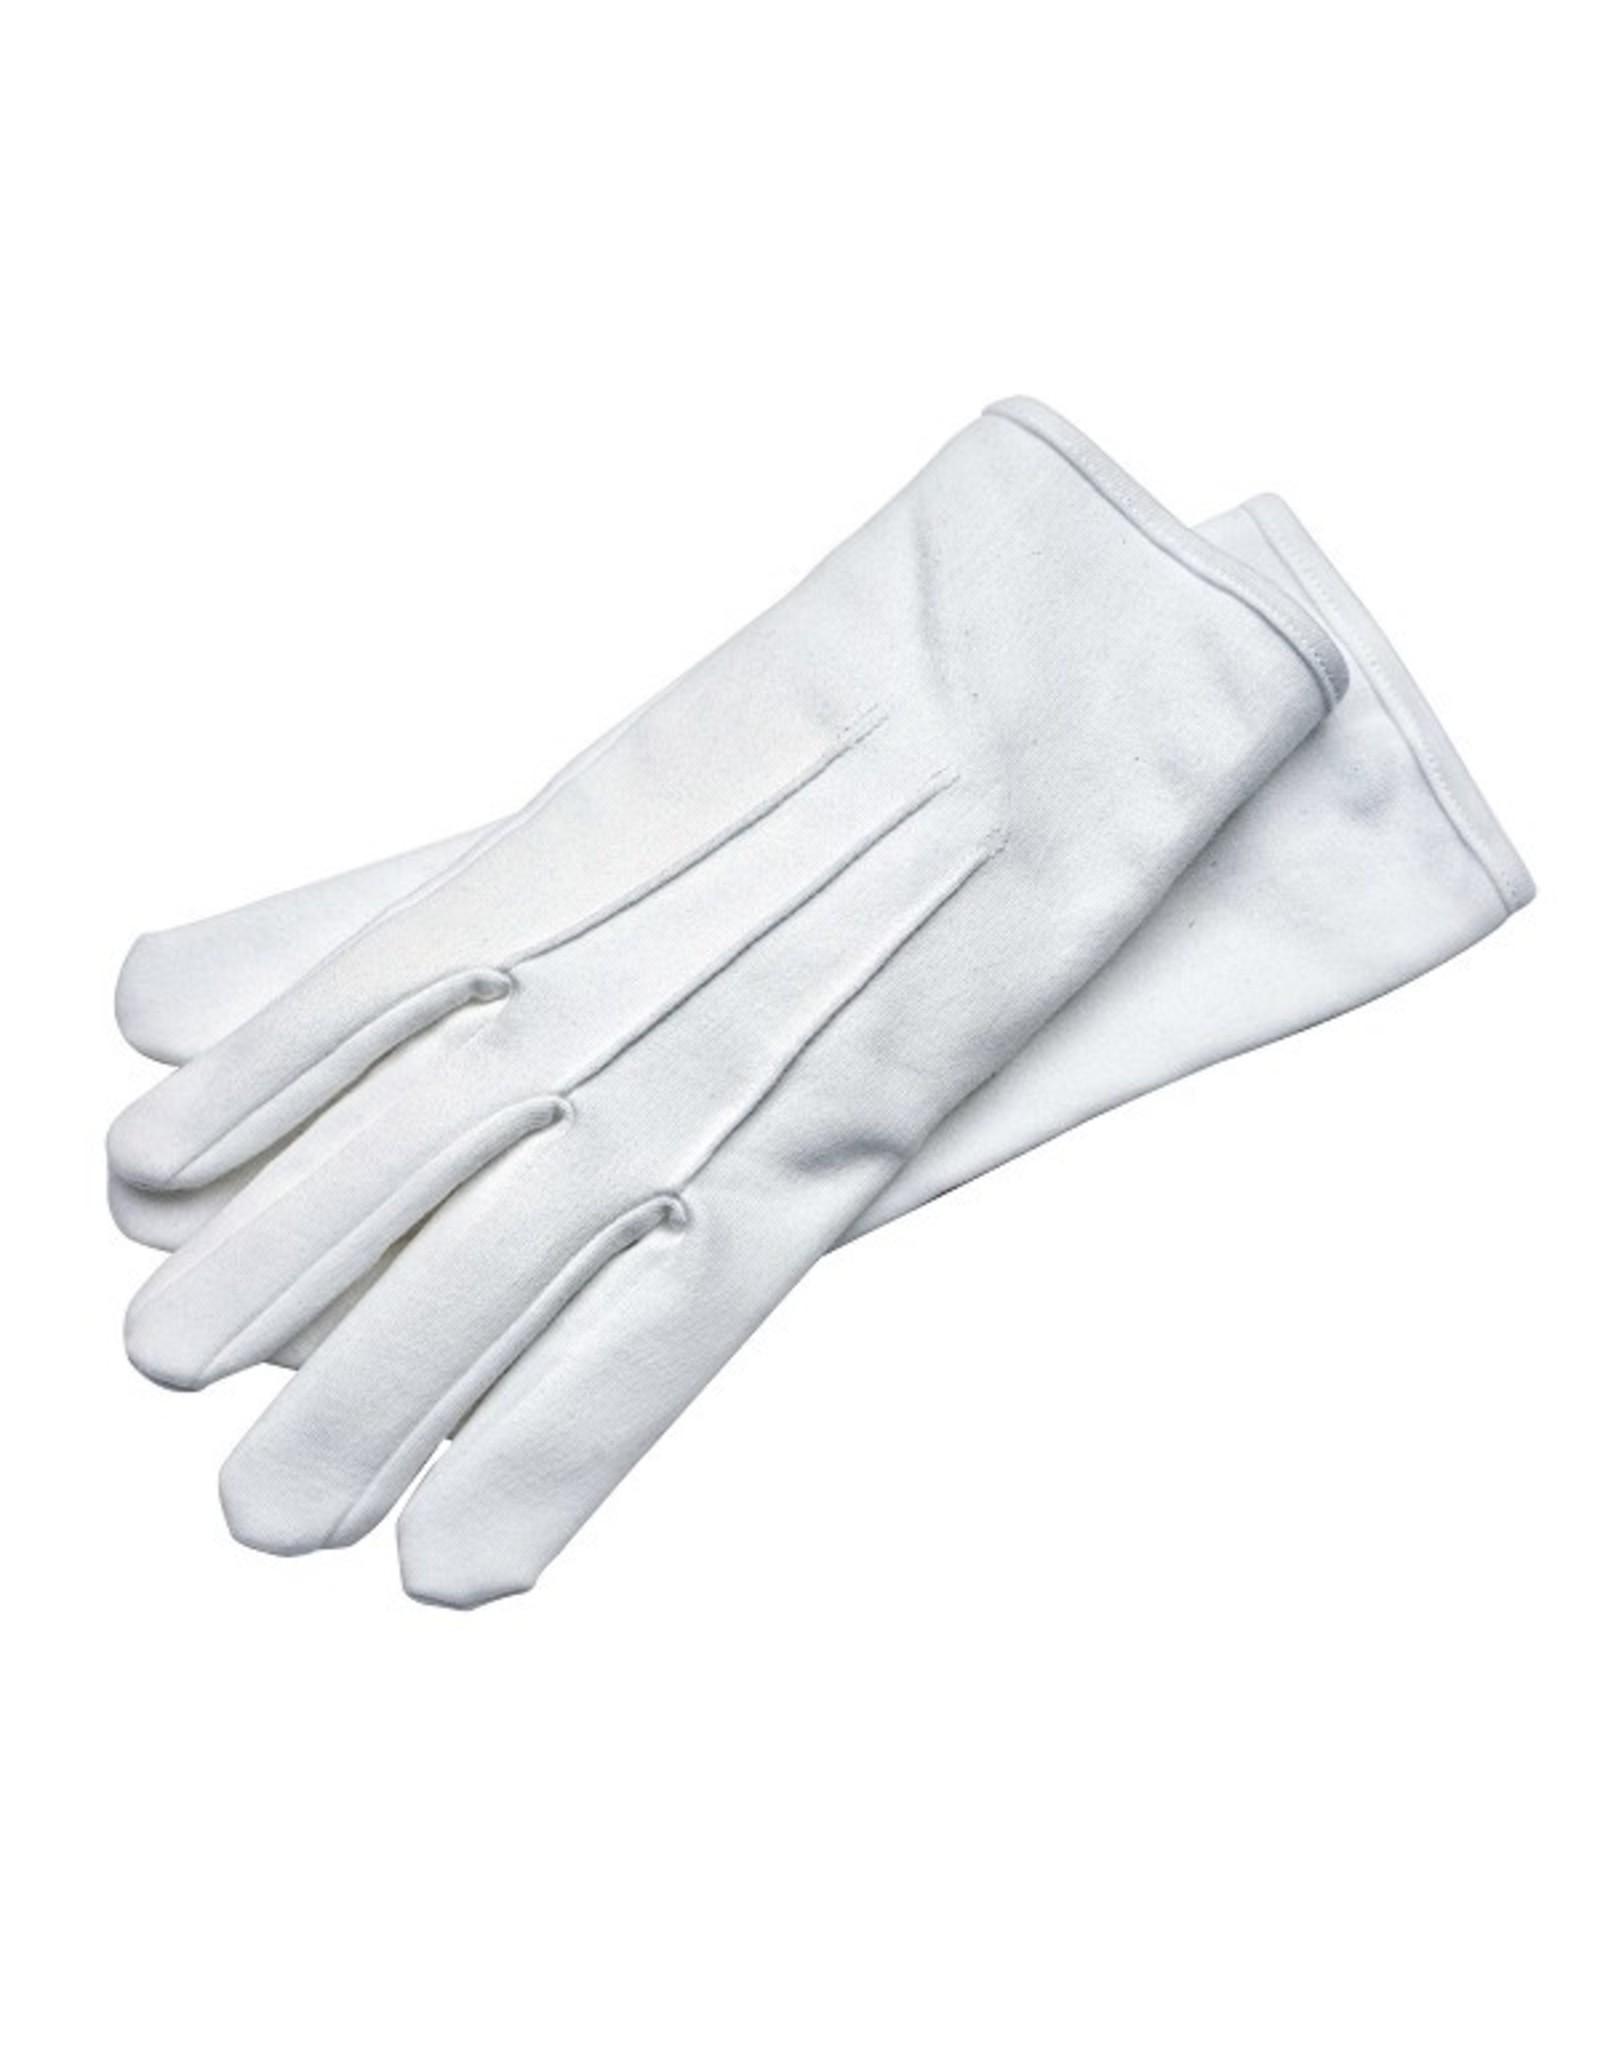 Thetru Witte handschoenen, Wit, Betere vorm en kwaliteit